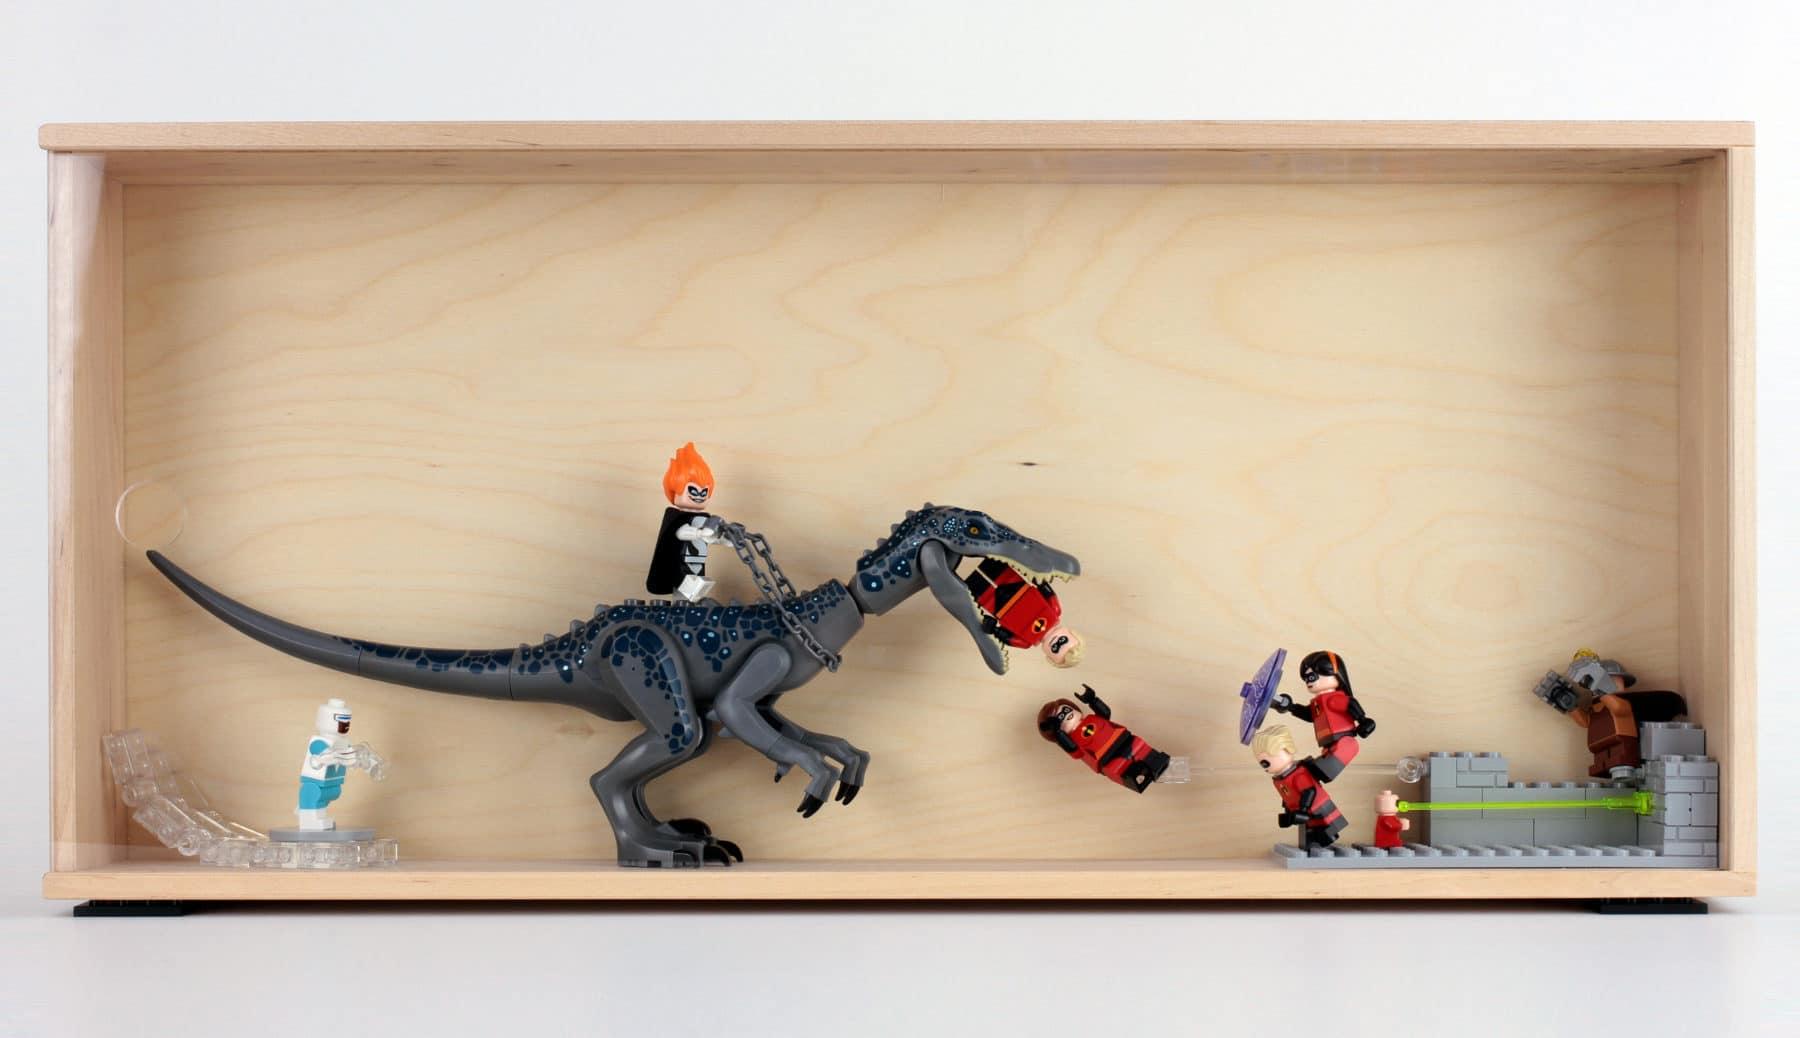 Der SAMMANHANG Schaukasten bietet auch Platz für größere Figuren oder sogar kleine Modelle